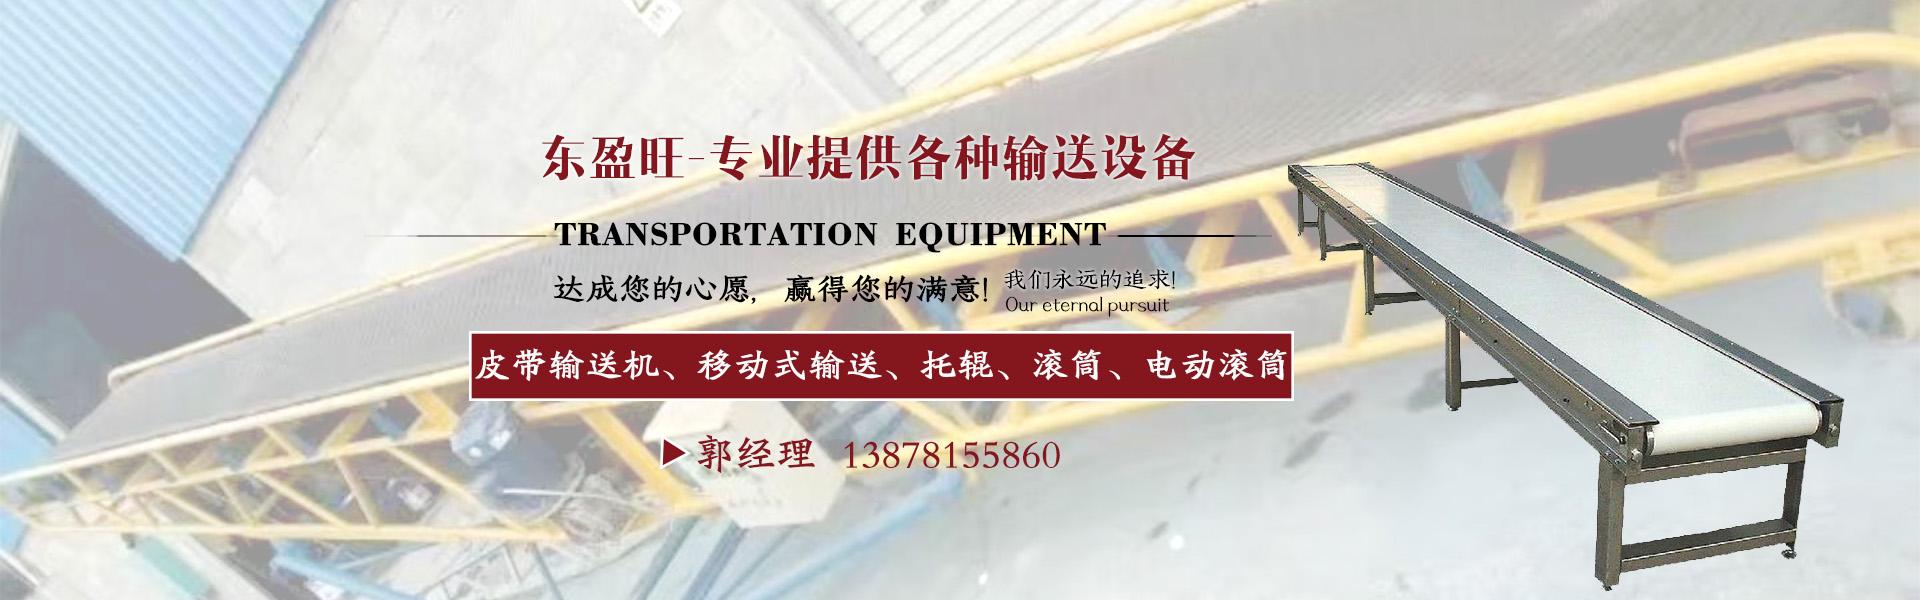 南宁市东盈旺输送设备有限公司